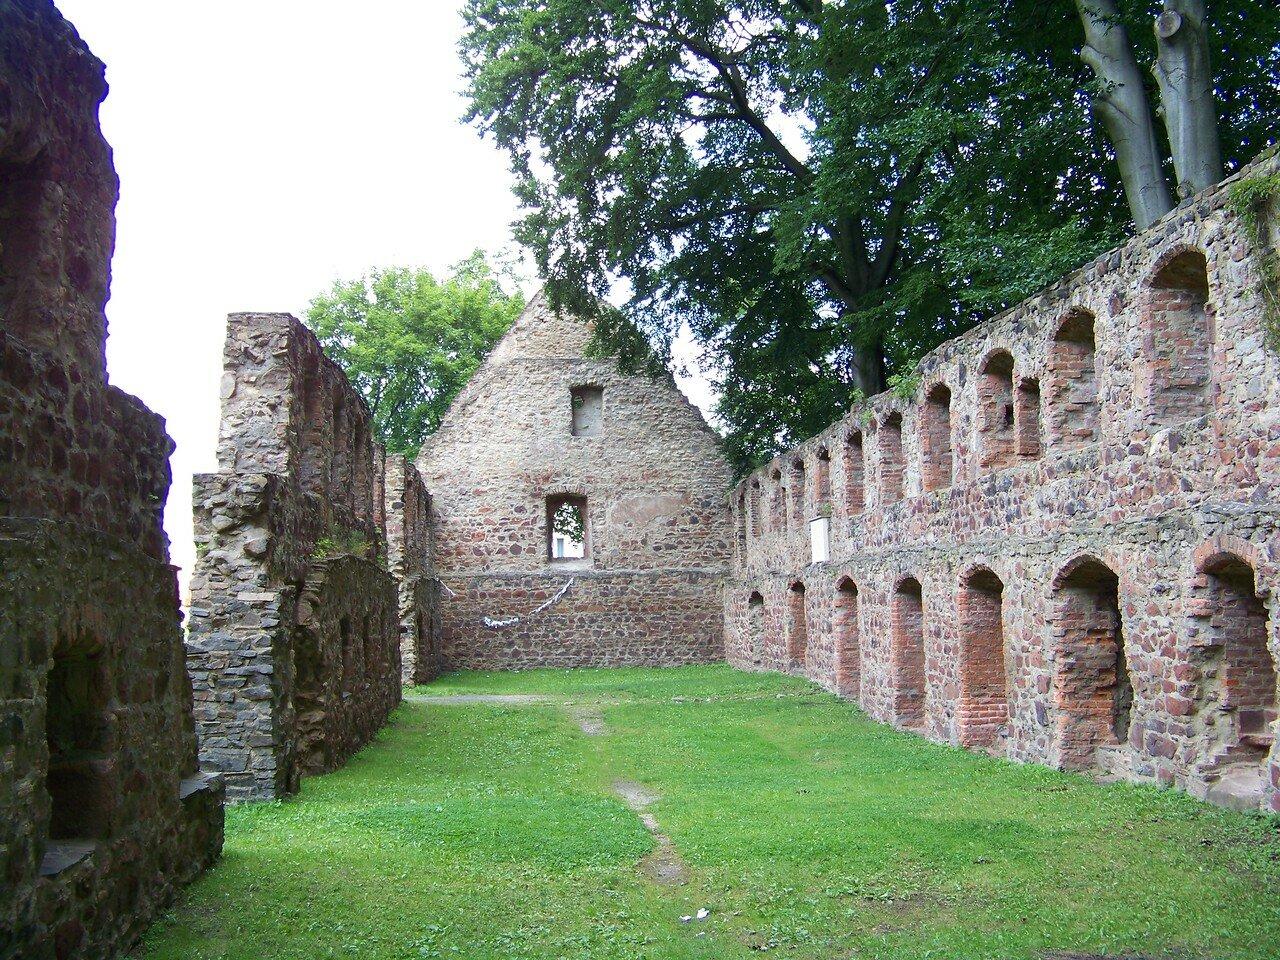 Kloster_Nimbschen.jpg